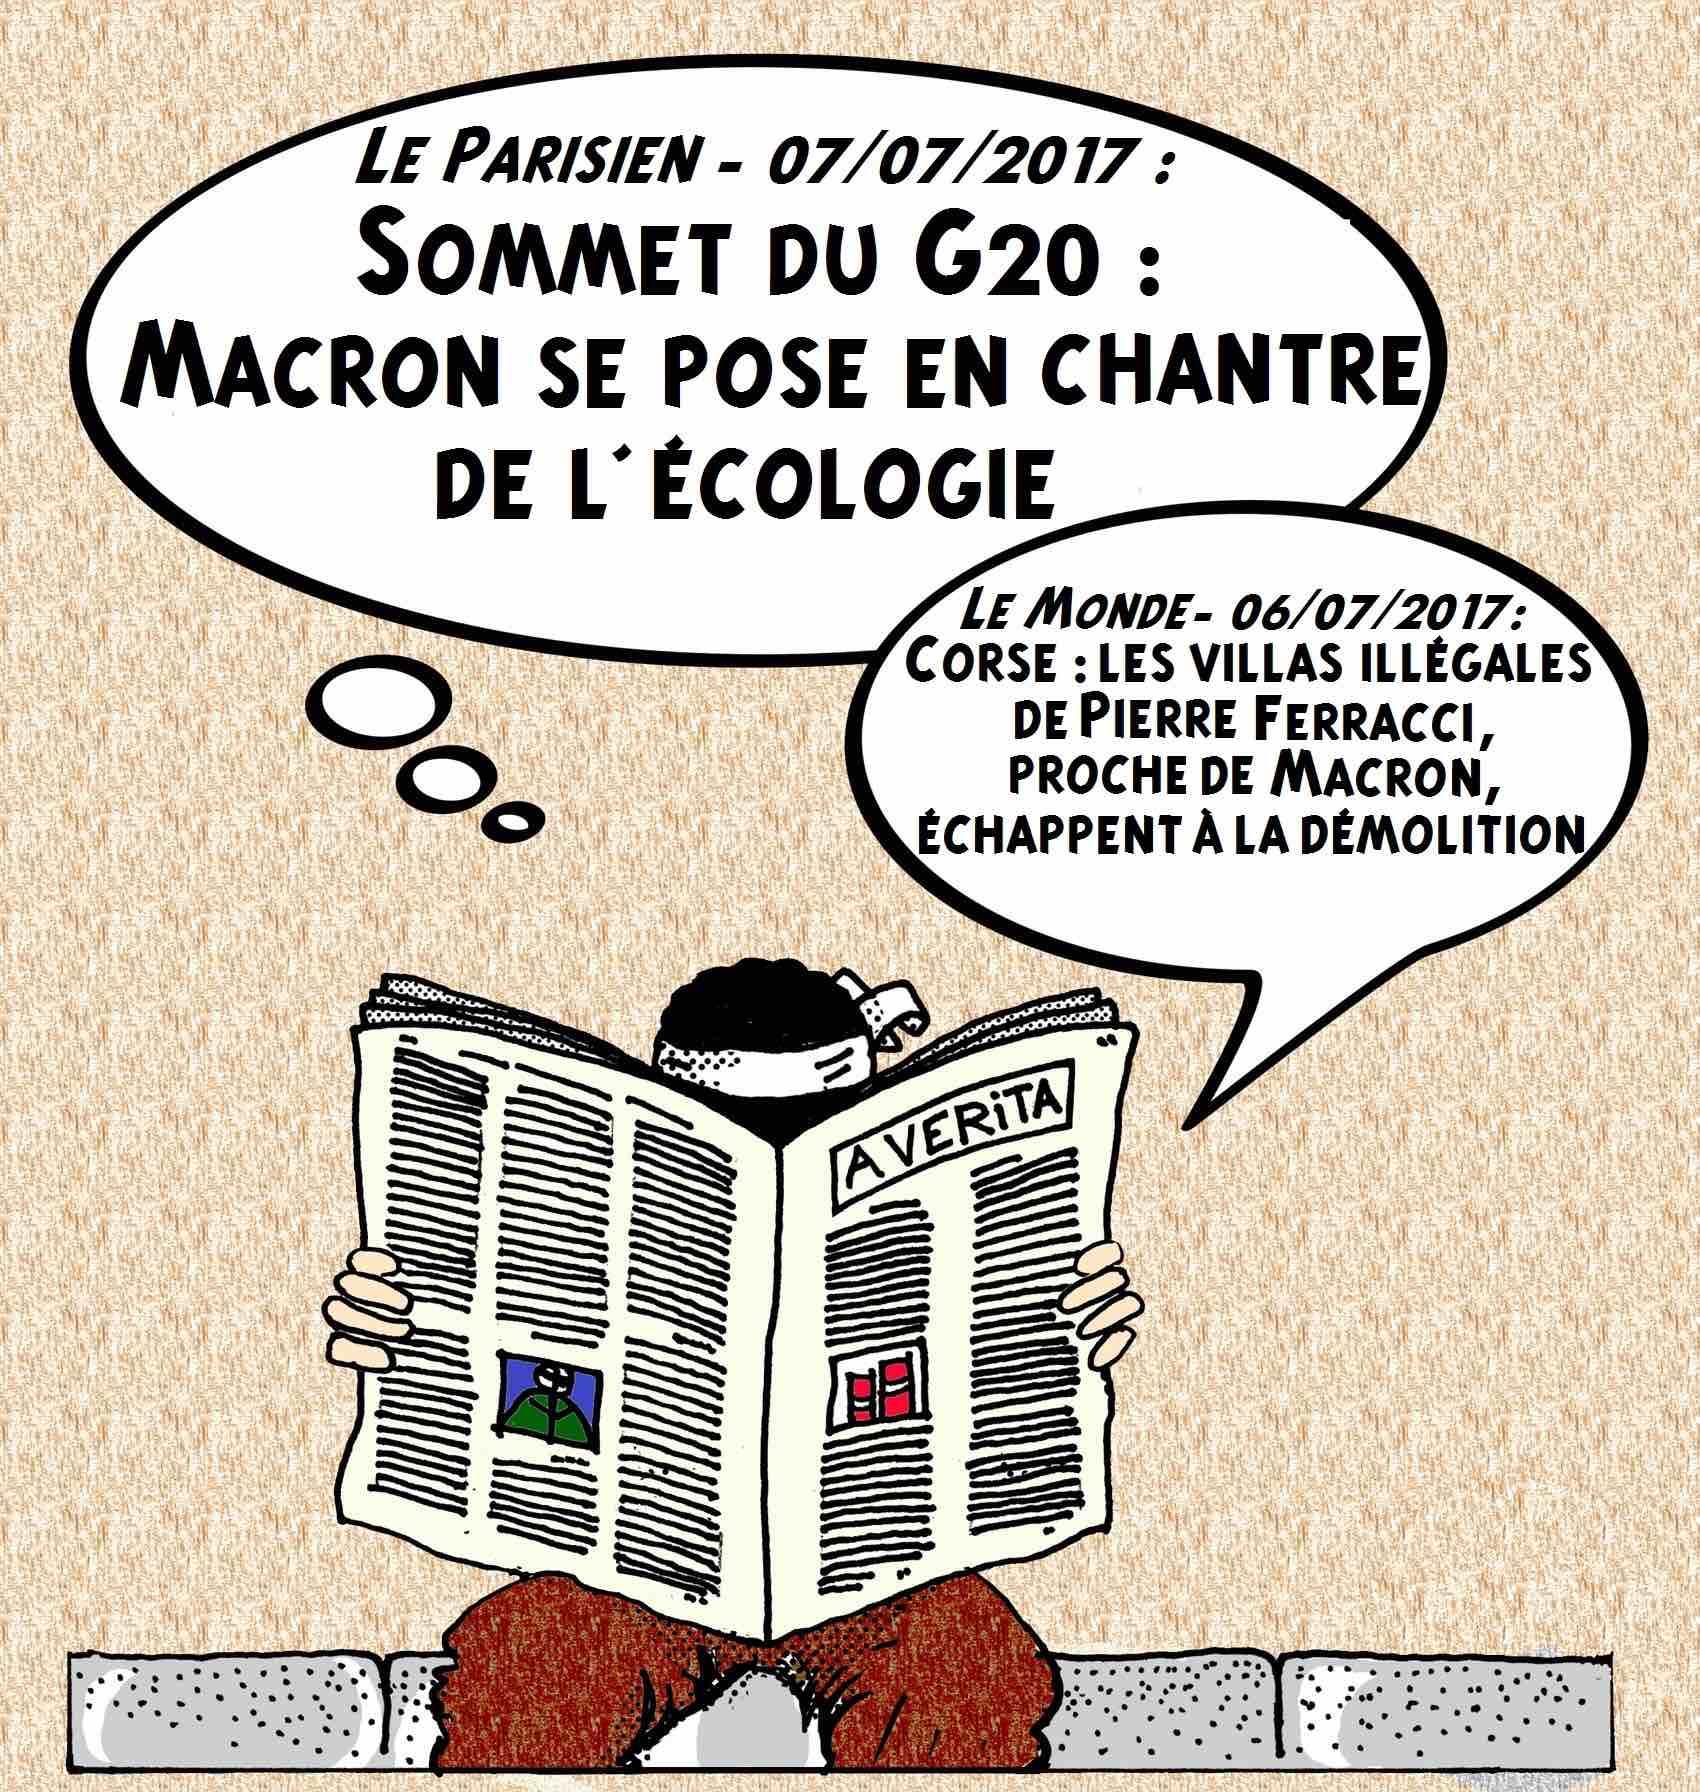 La corruption, gangrène de la démocratie - Page 5 Dessin-pour-Ferracci-lisandru-Bd